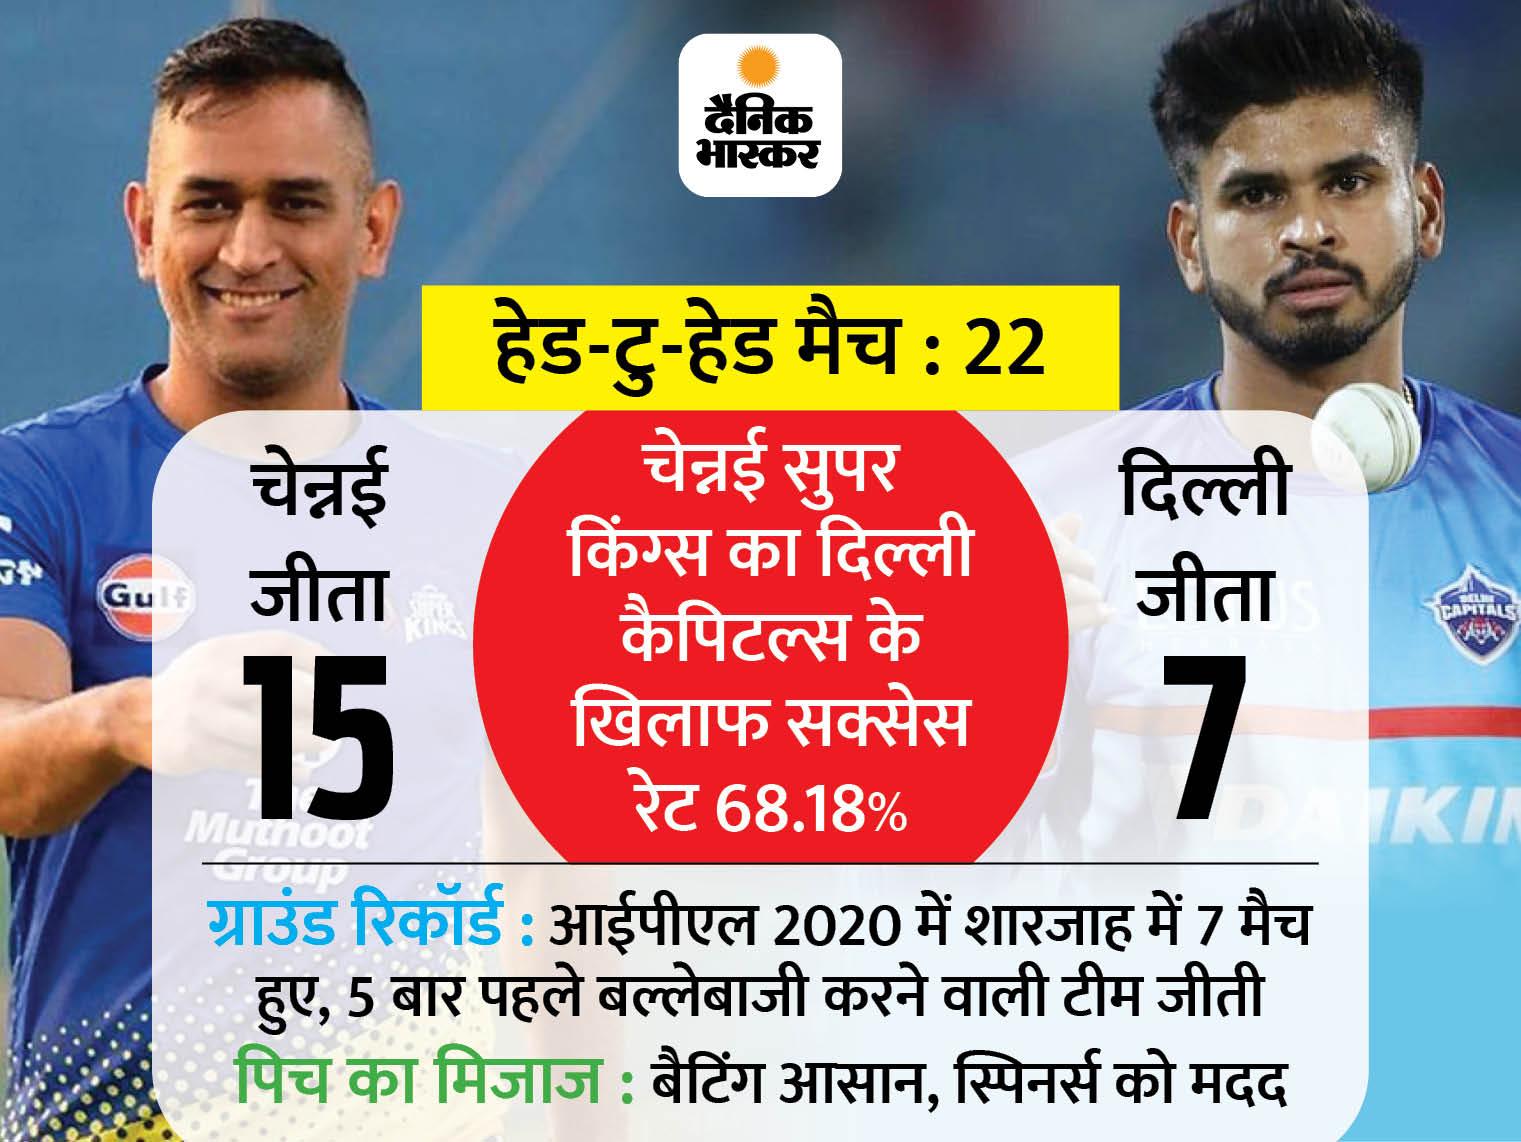 चेन्नई सुपर किंग्स ने दिल्ली कैपिटल्स के खिलाफ टॉस जीता, पहले बल्लेबाजी का फैसला किया; श्रेयस अय्यर पूरी तरह फिट